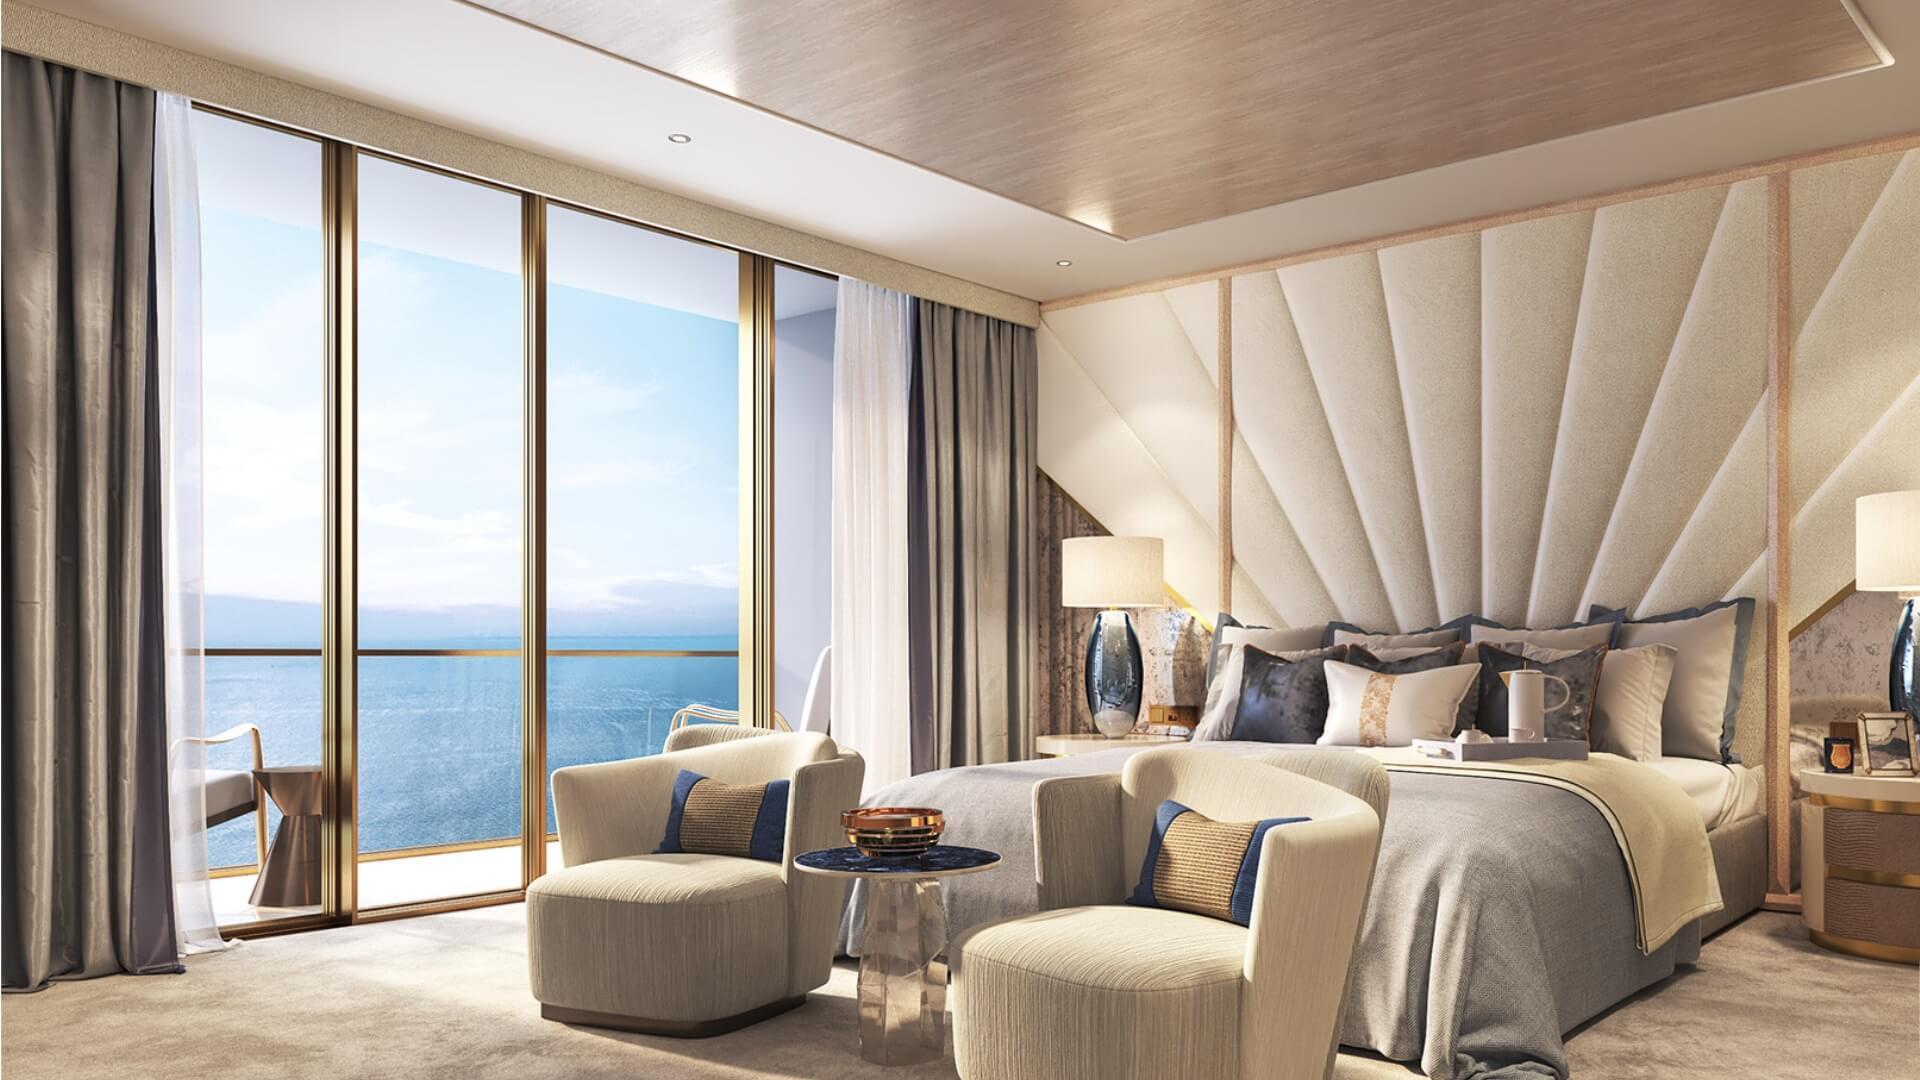 Apartment for sale in Dubai, UAE, 2 bedrooms, 197 m2, No. 24223 – photo 1